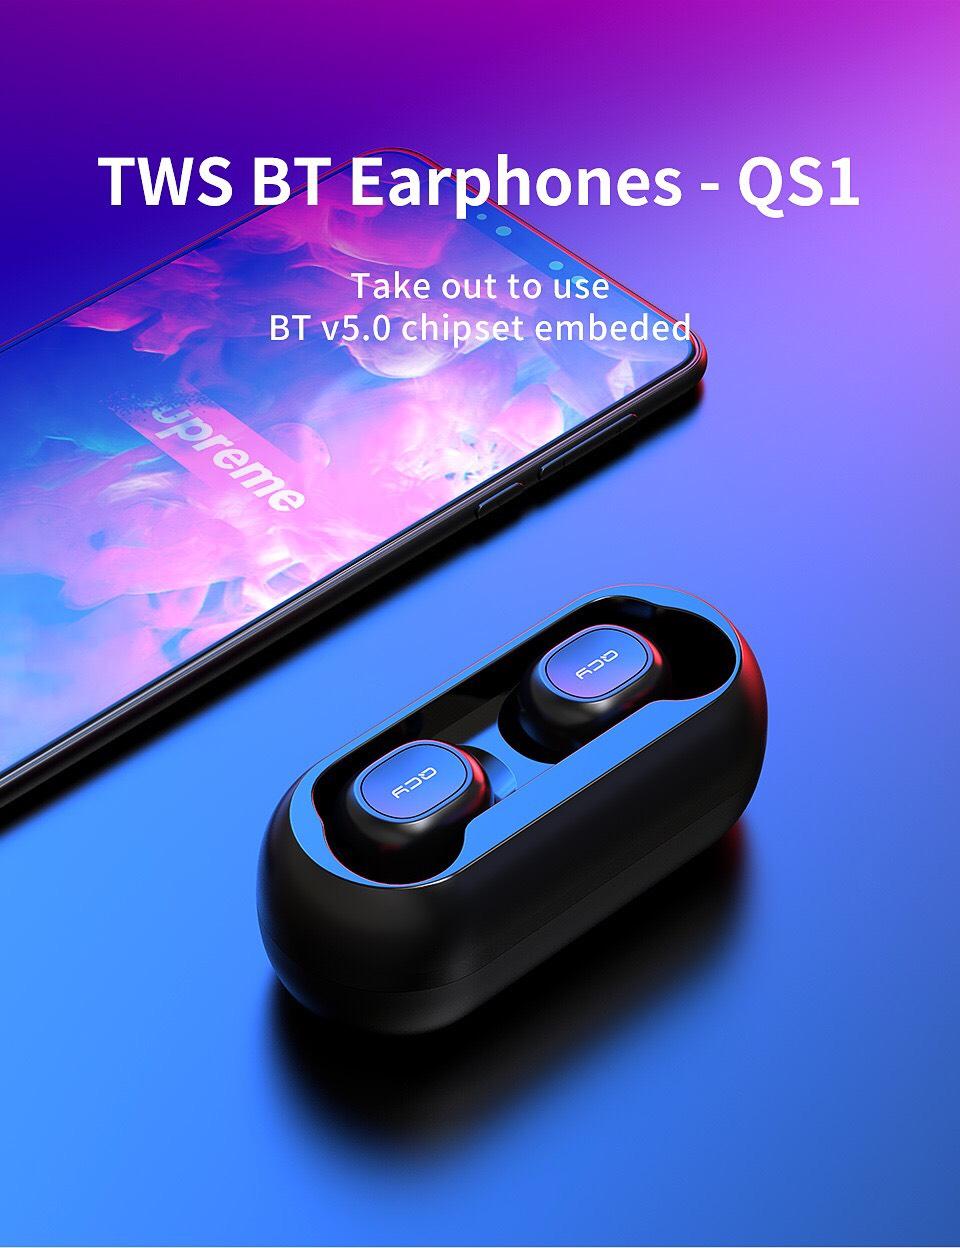 Tai Nghe Bluetooth 5.0 Không Dây QCY-T1 có Dock Tự Sạc Kèm Túi Đựng - Hàng Nhập Khẩu